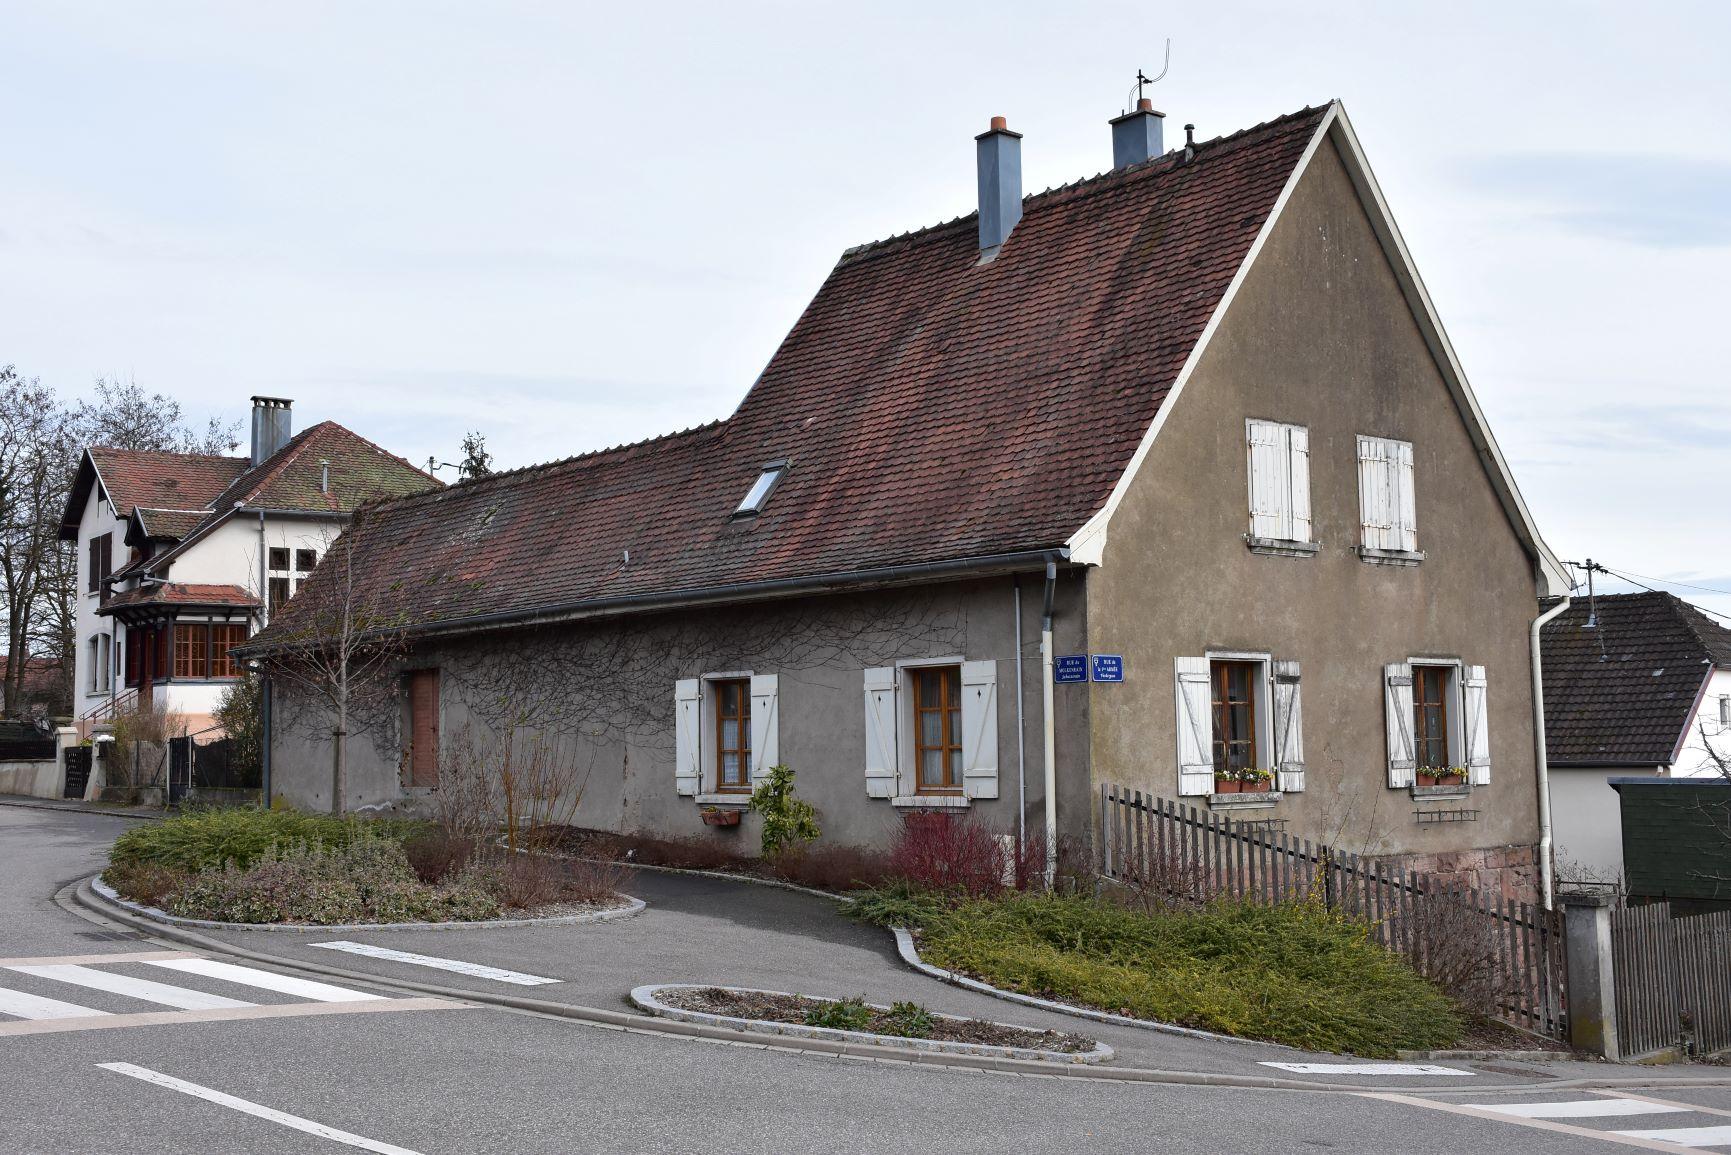 Maison forestière angle rue des vosges.jpg